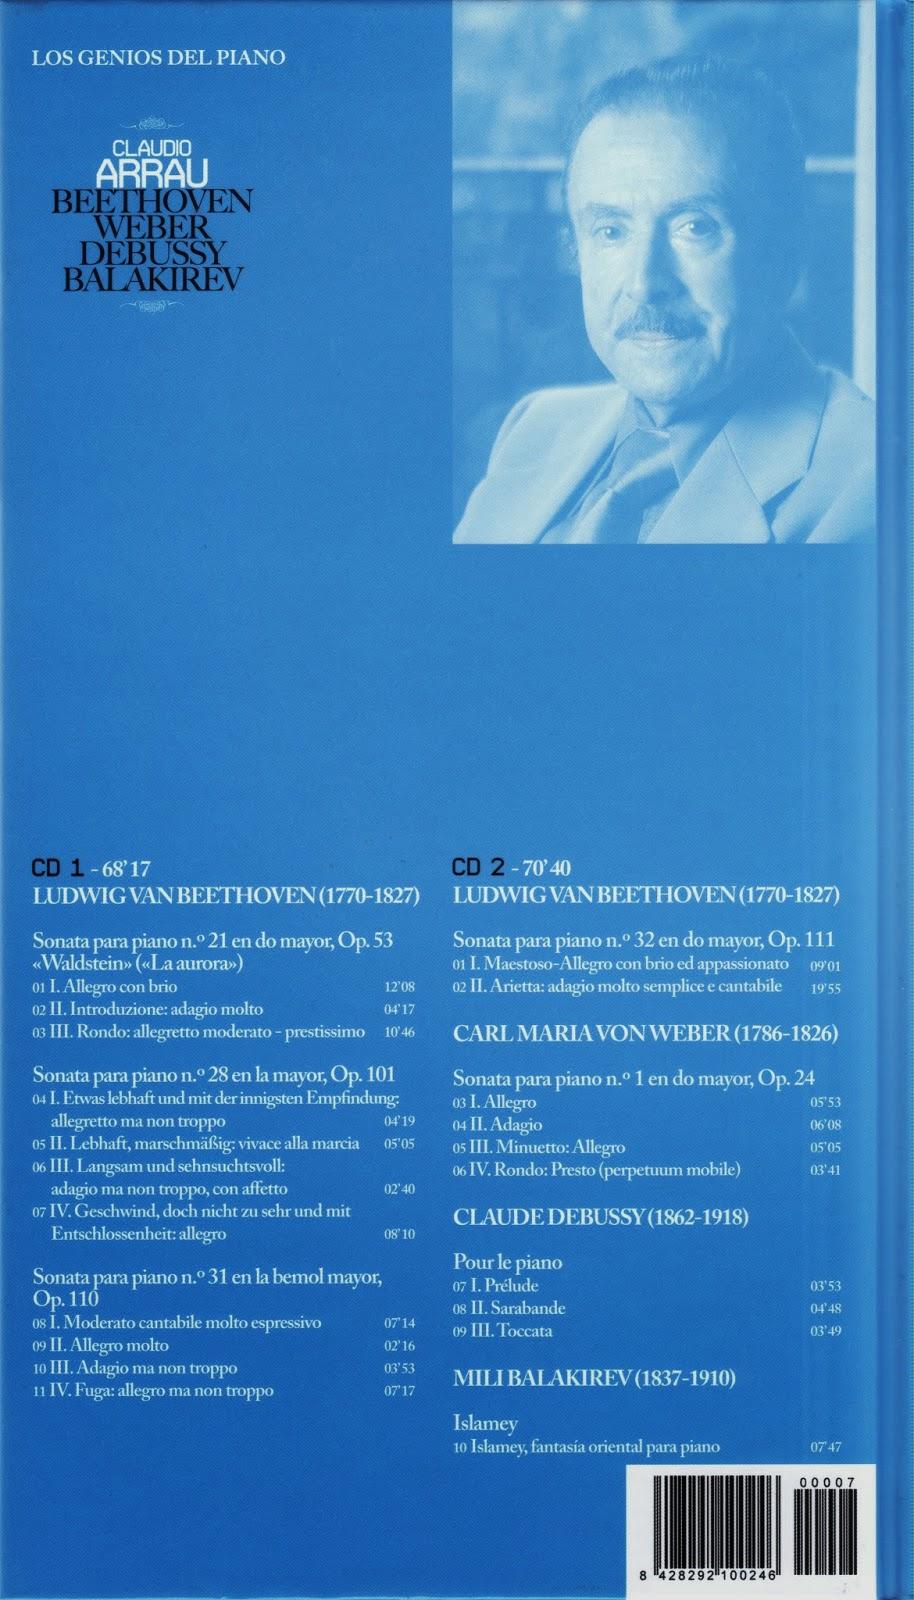 Imagen de Colección Los Genios del Piano-07-Claudio Arrau & Beethoven, Weber, Debussy y Balakirev-trasera